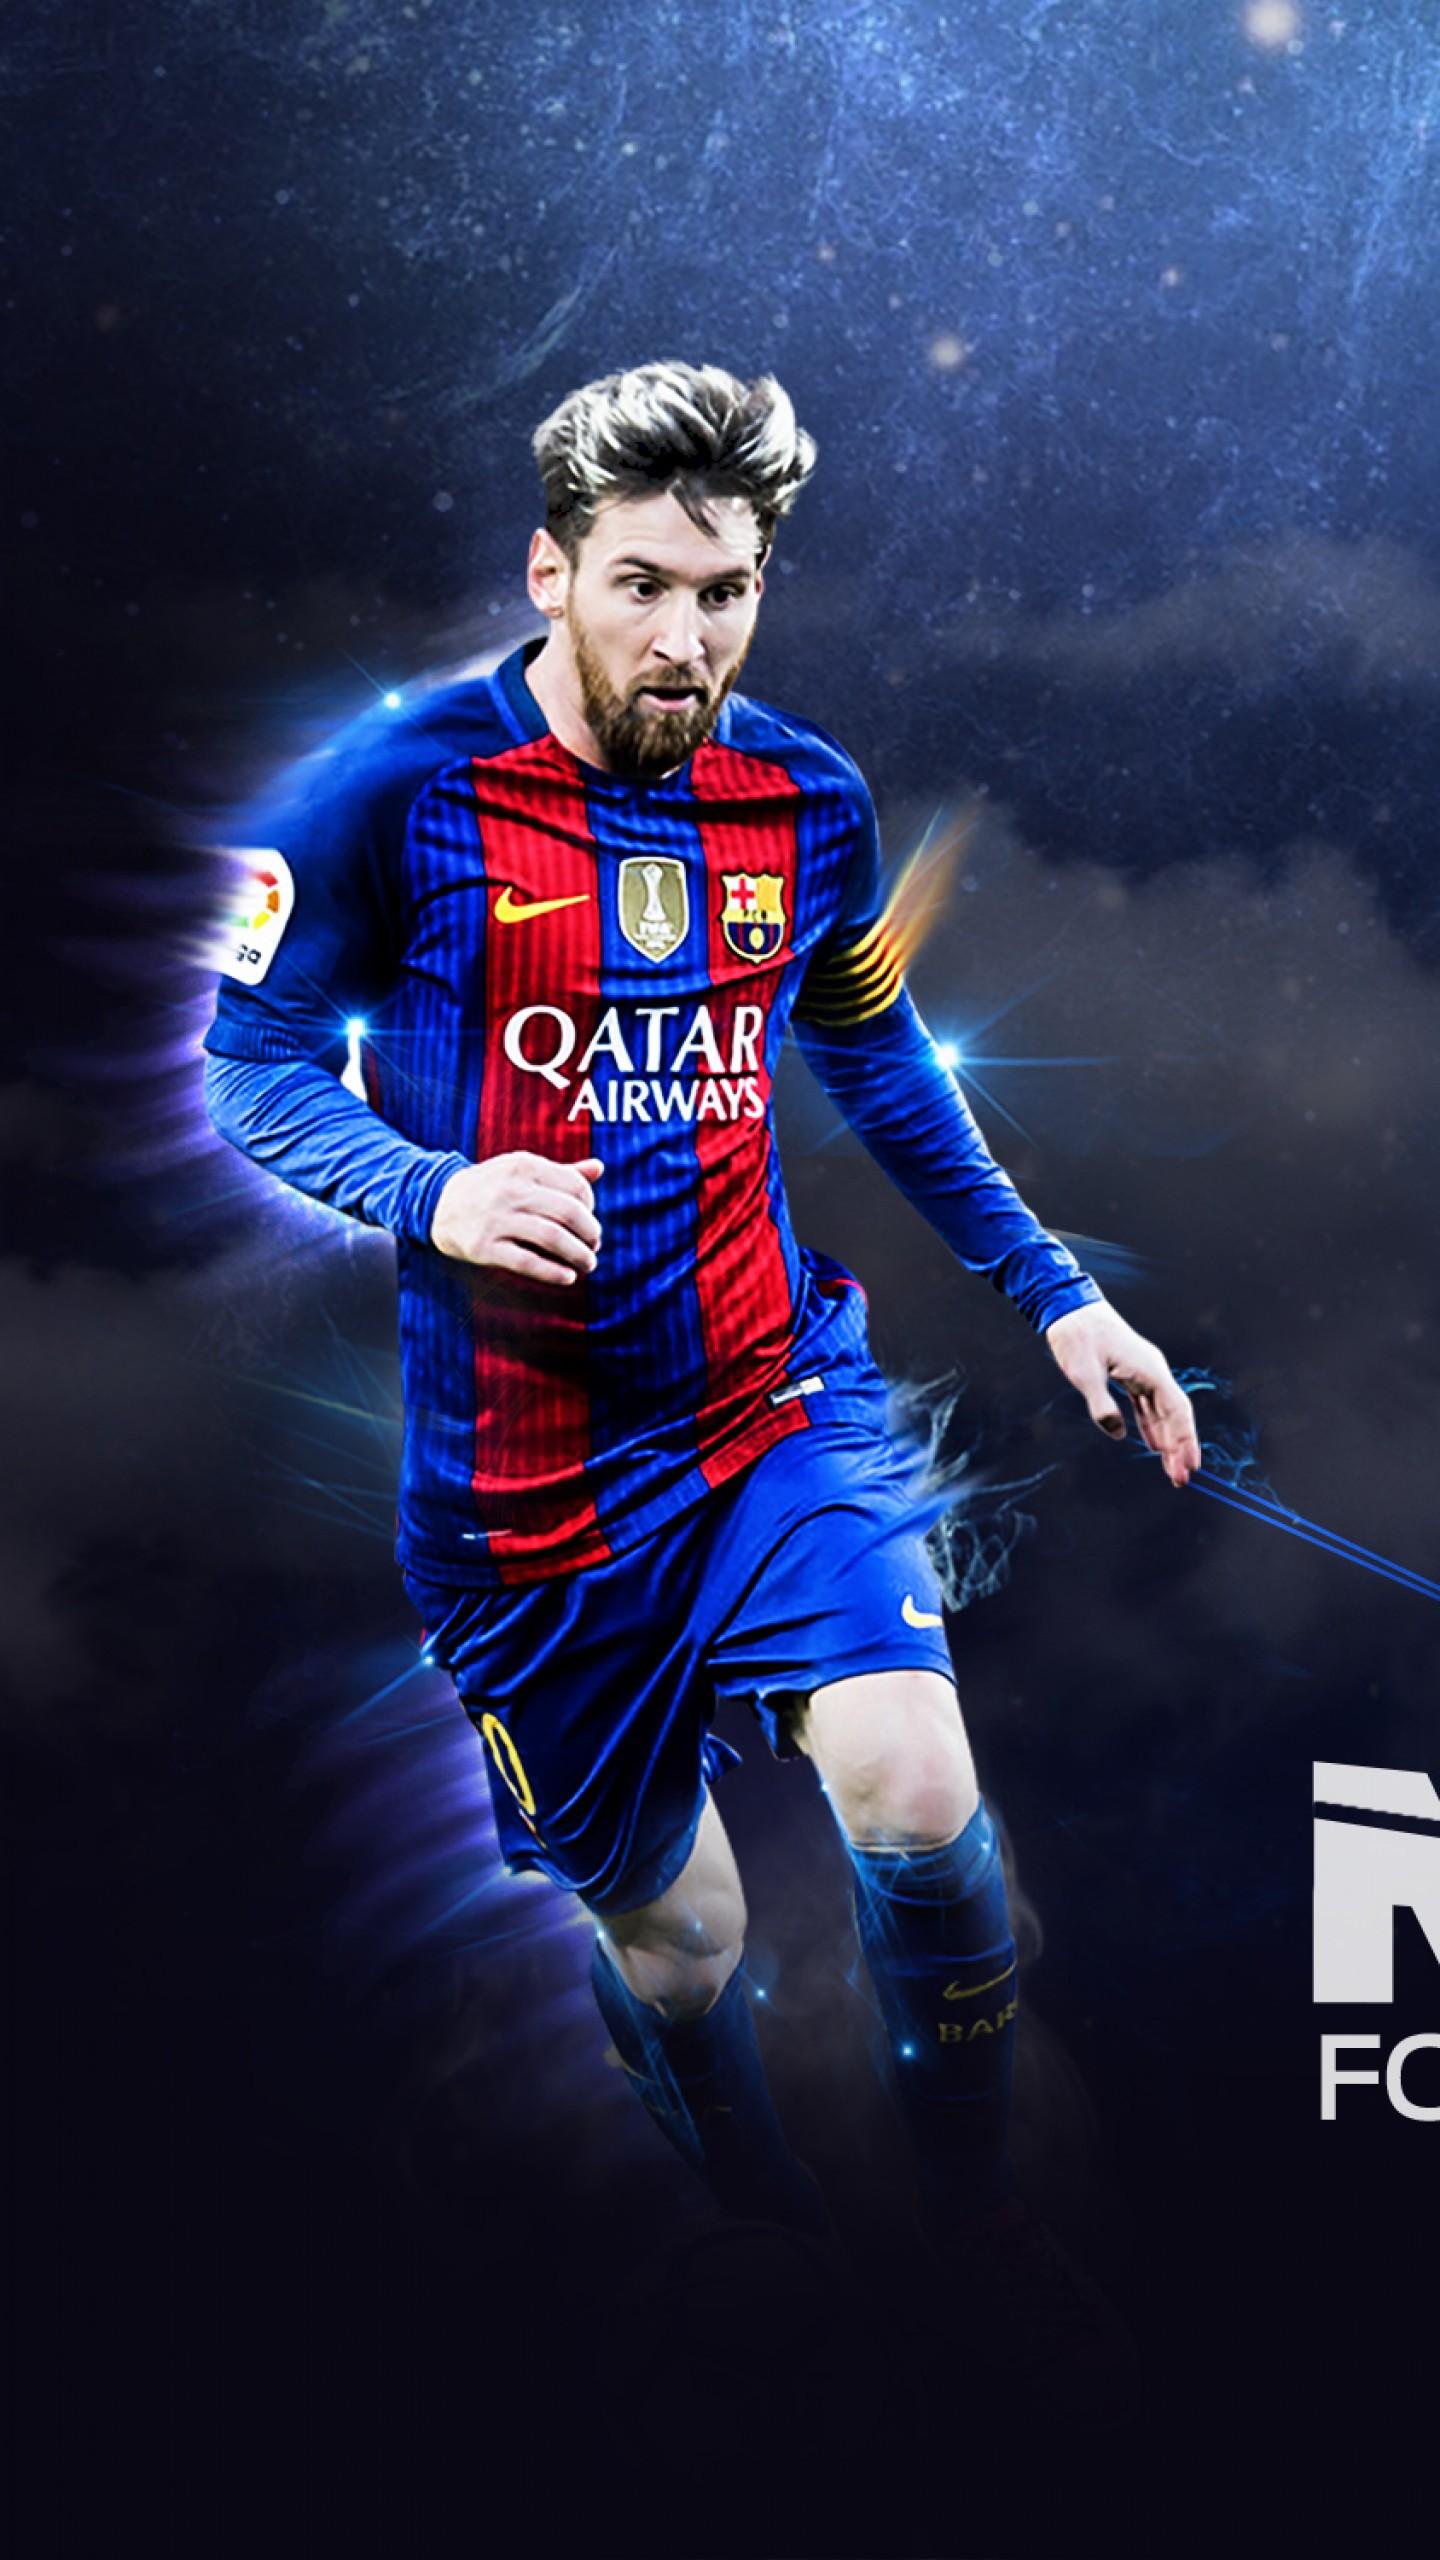 عکس زمینه لیونل مسی با بازوبند کاپیتانی تیم بارسلونا پس زمینه